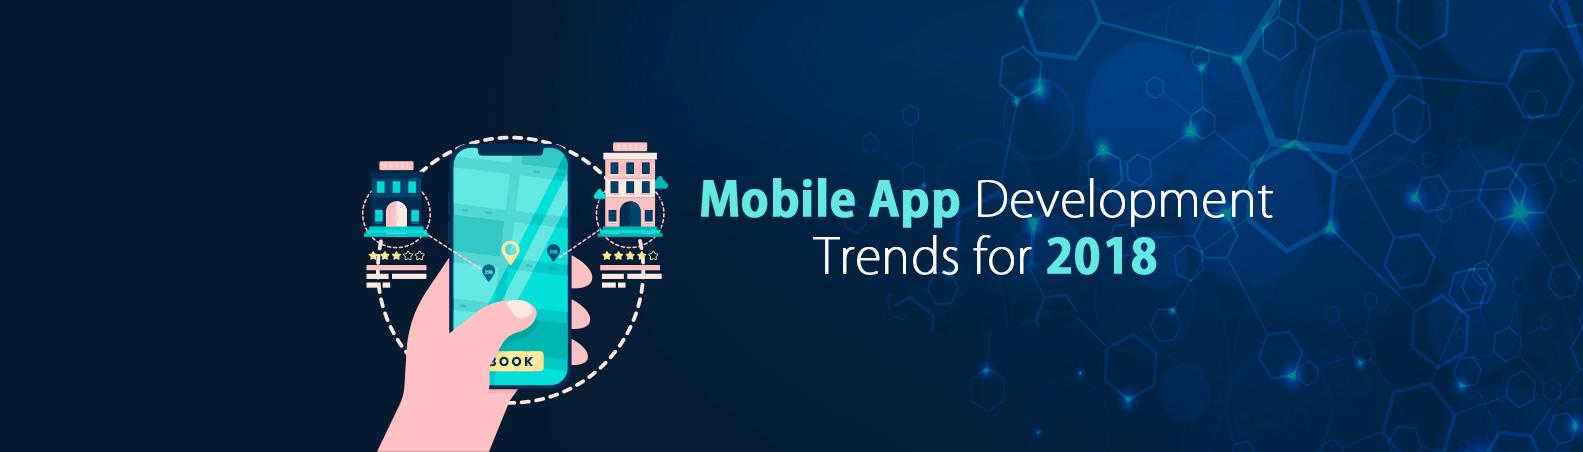 Mobile App Development Trends For 2018